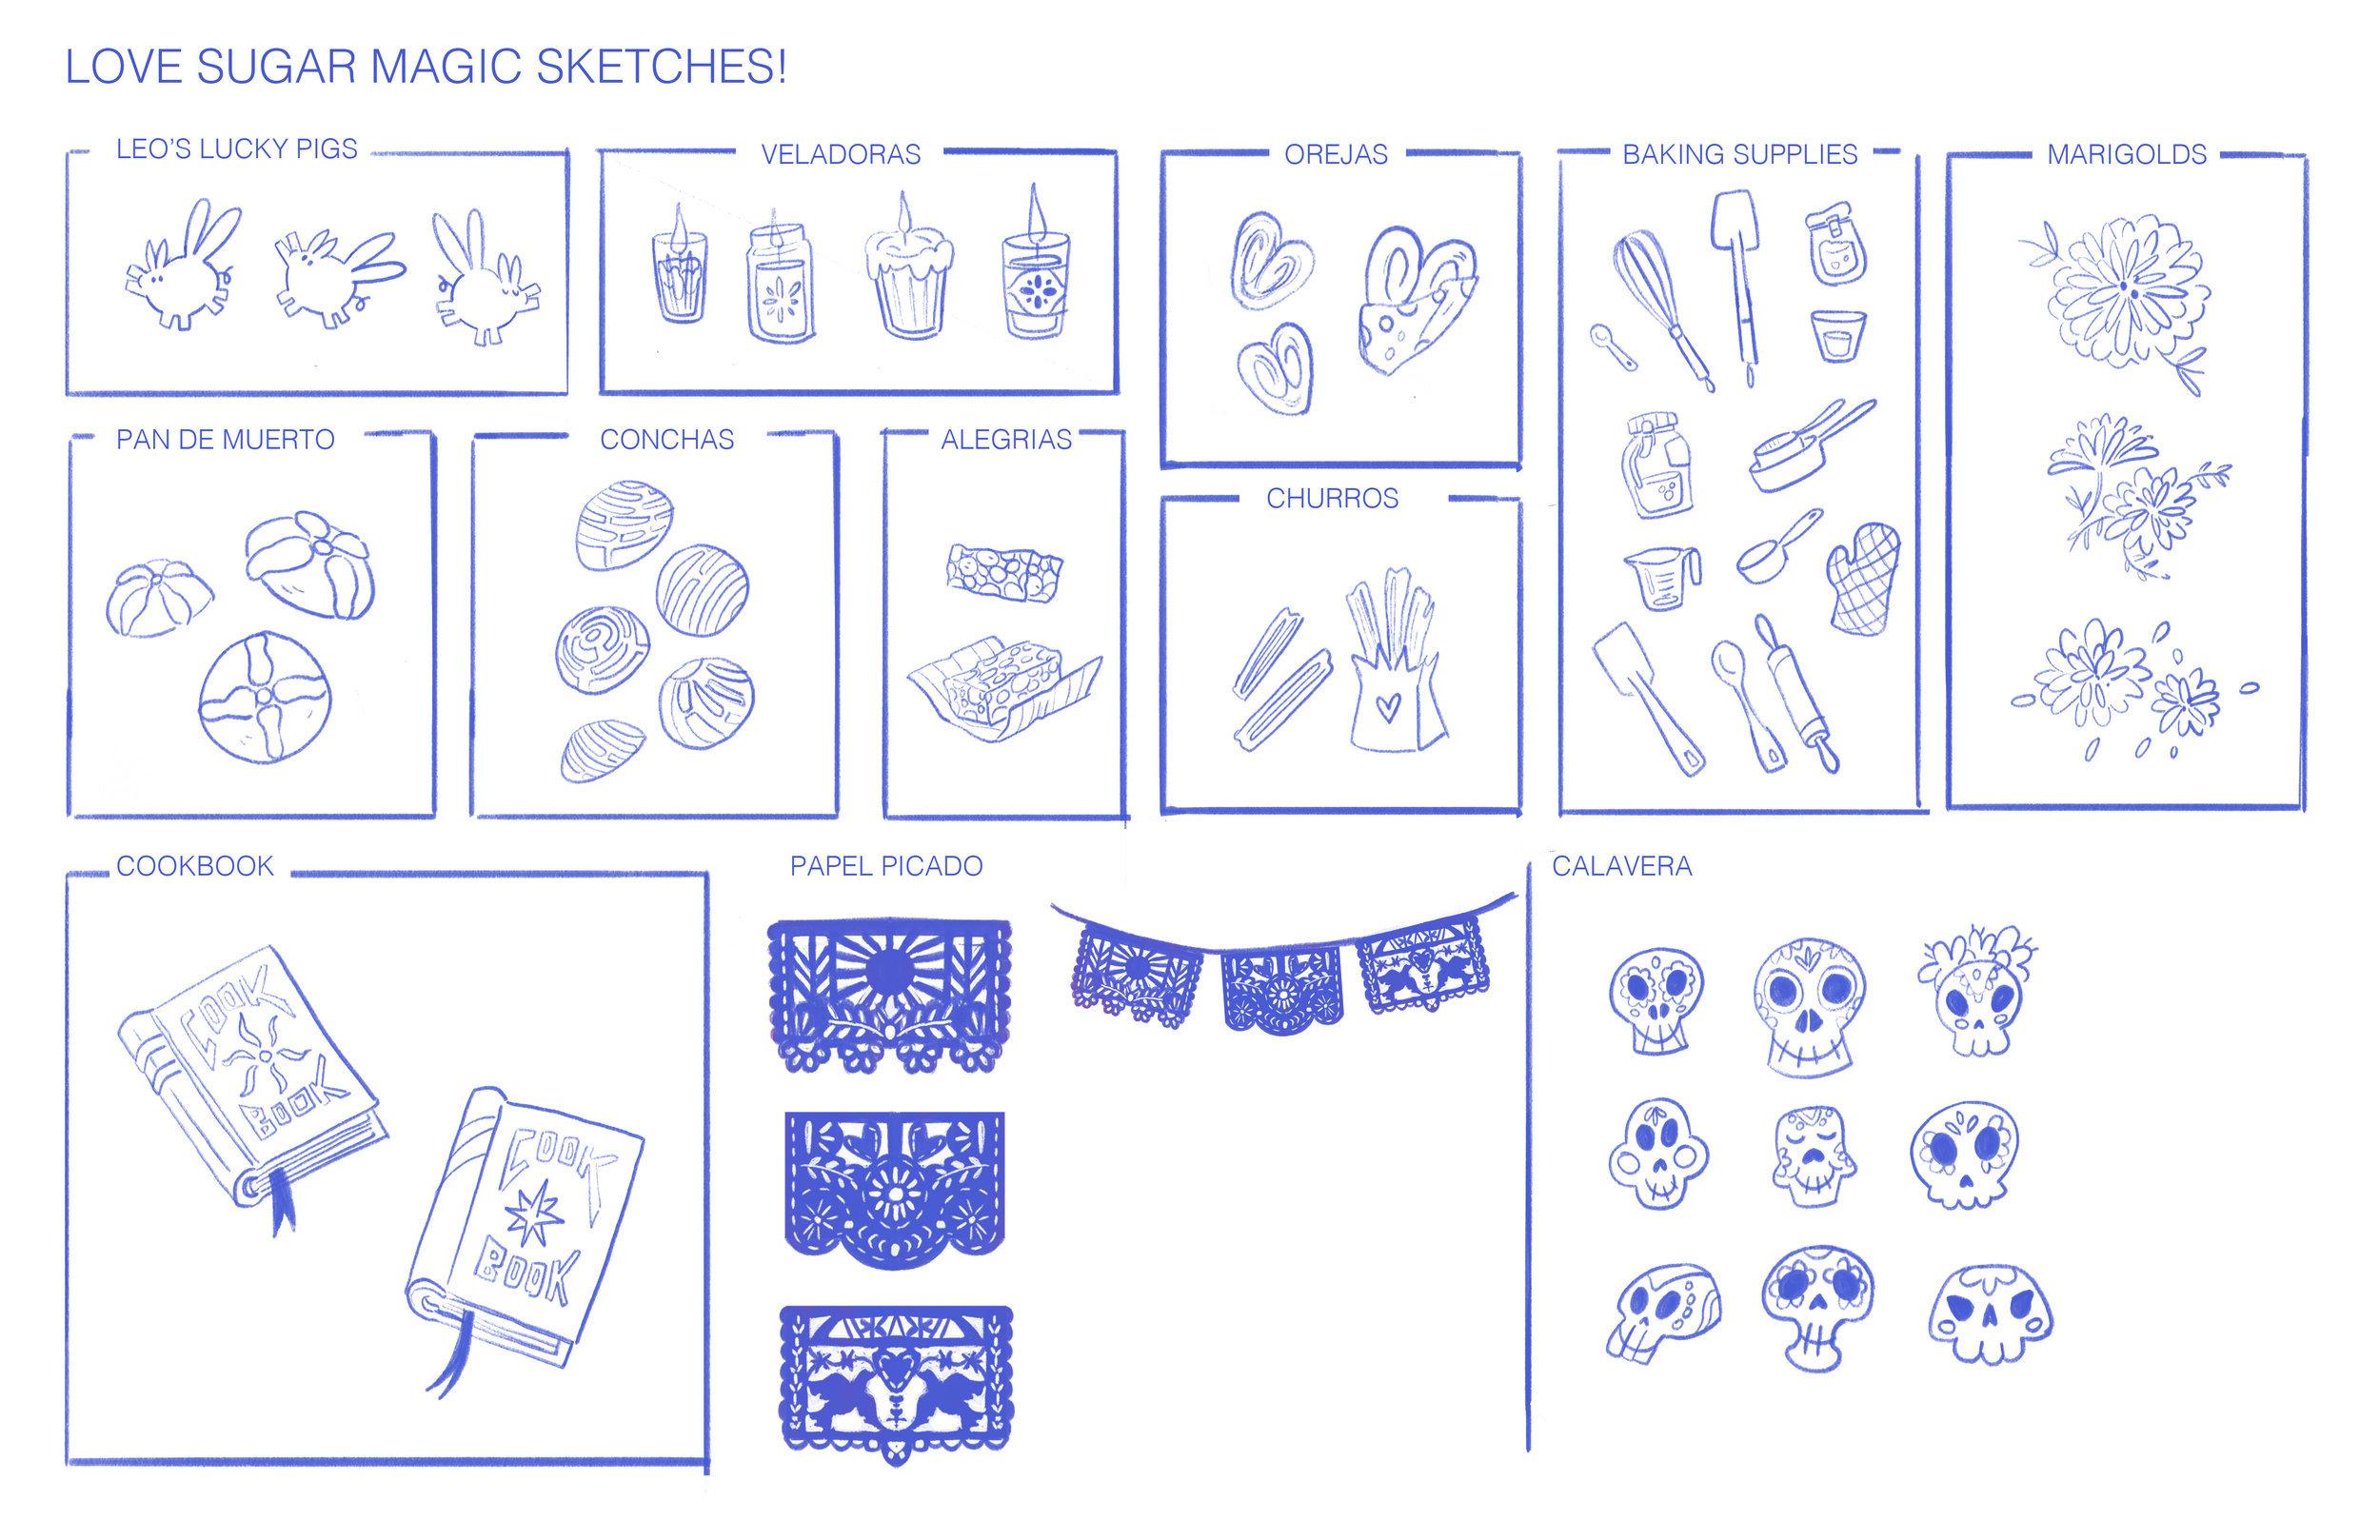 lsm+sketches+mirelle.jpg